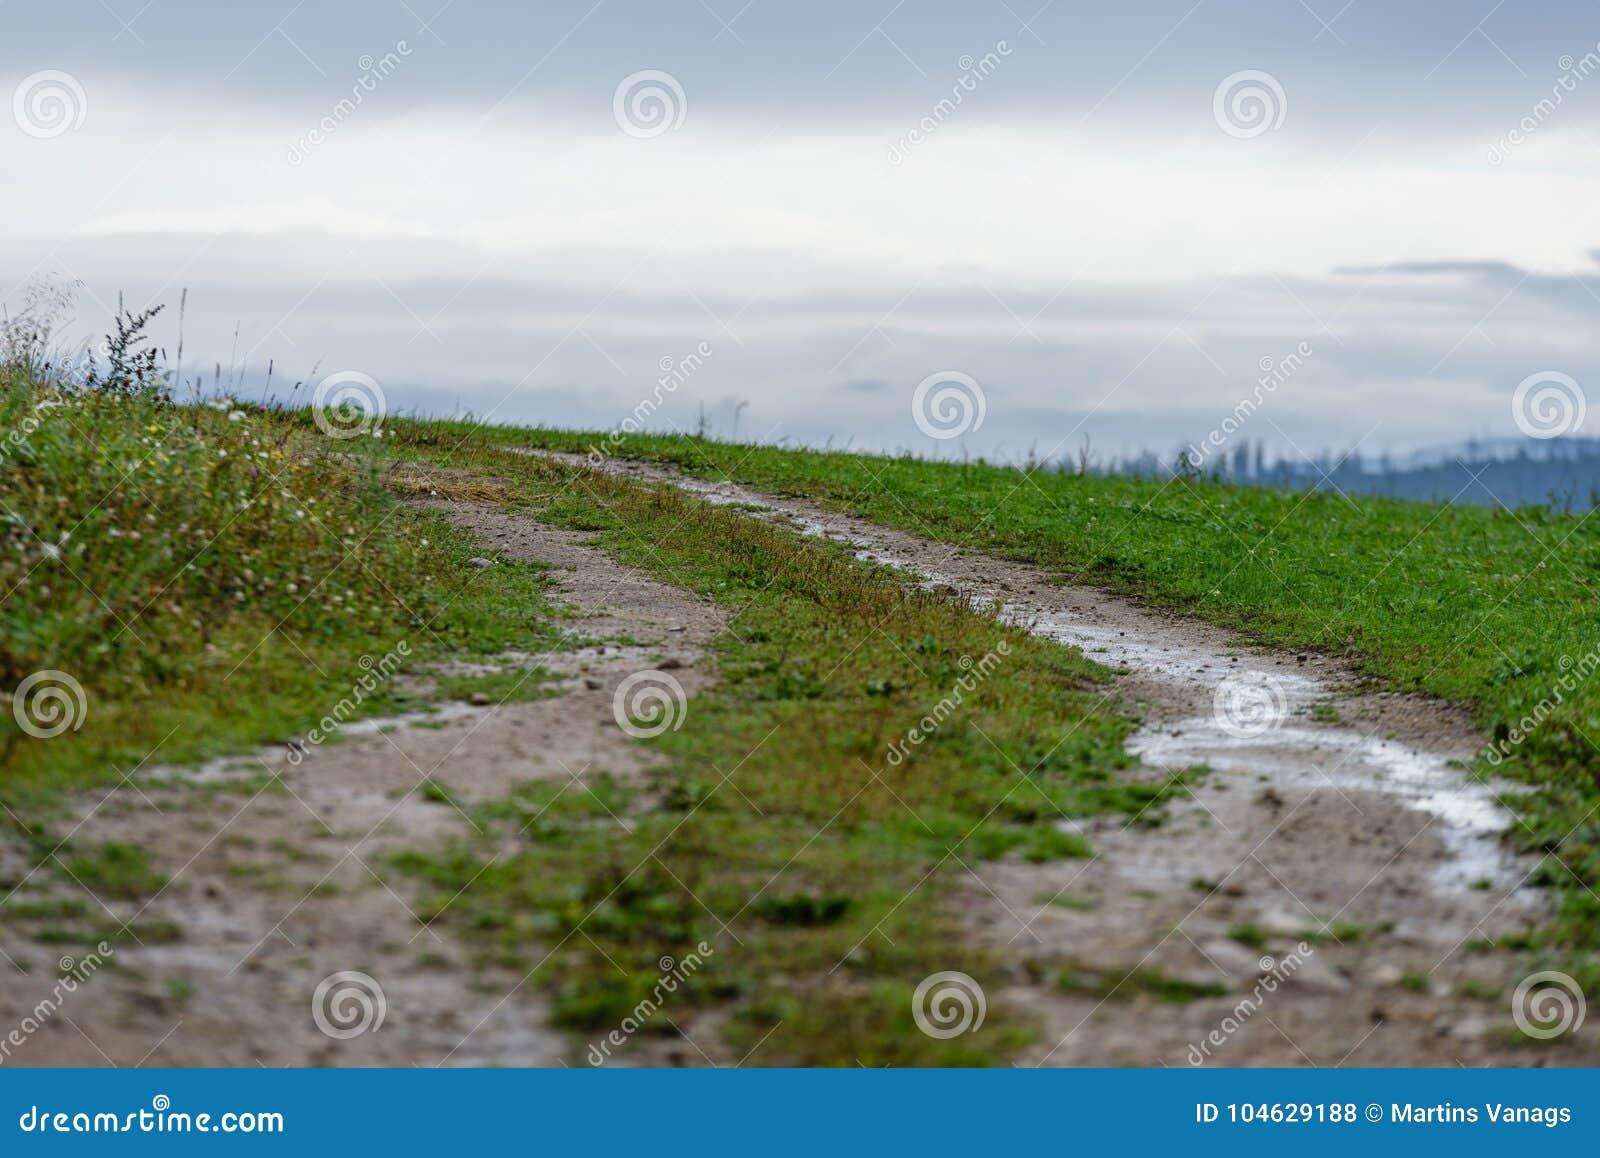 Download Lege Grintweg In Het Platteland In De Zomer Stock Foto - Afbeelding bestaande uit grint, vakantie: 104629188